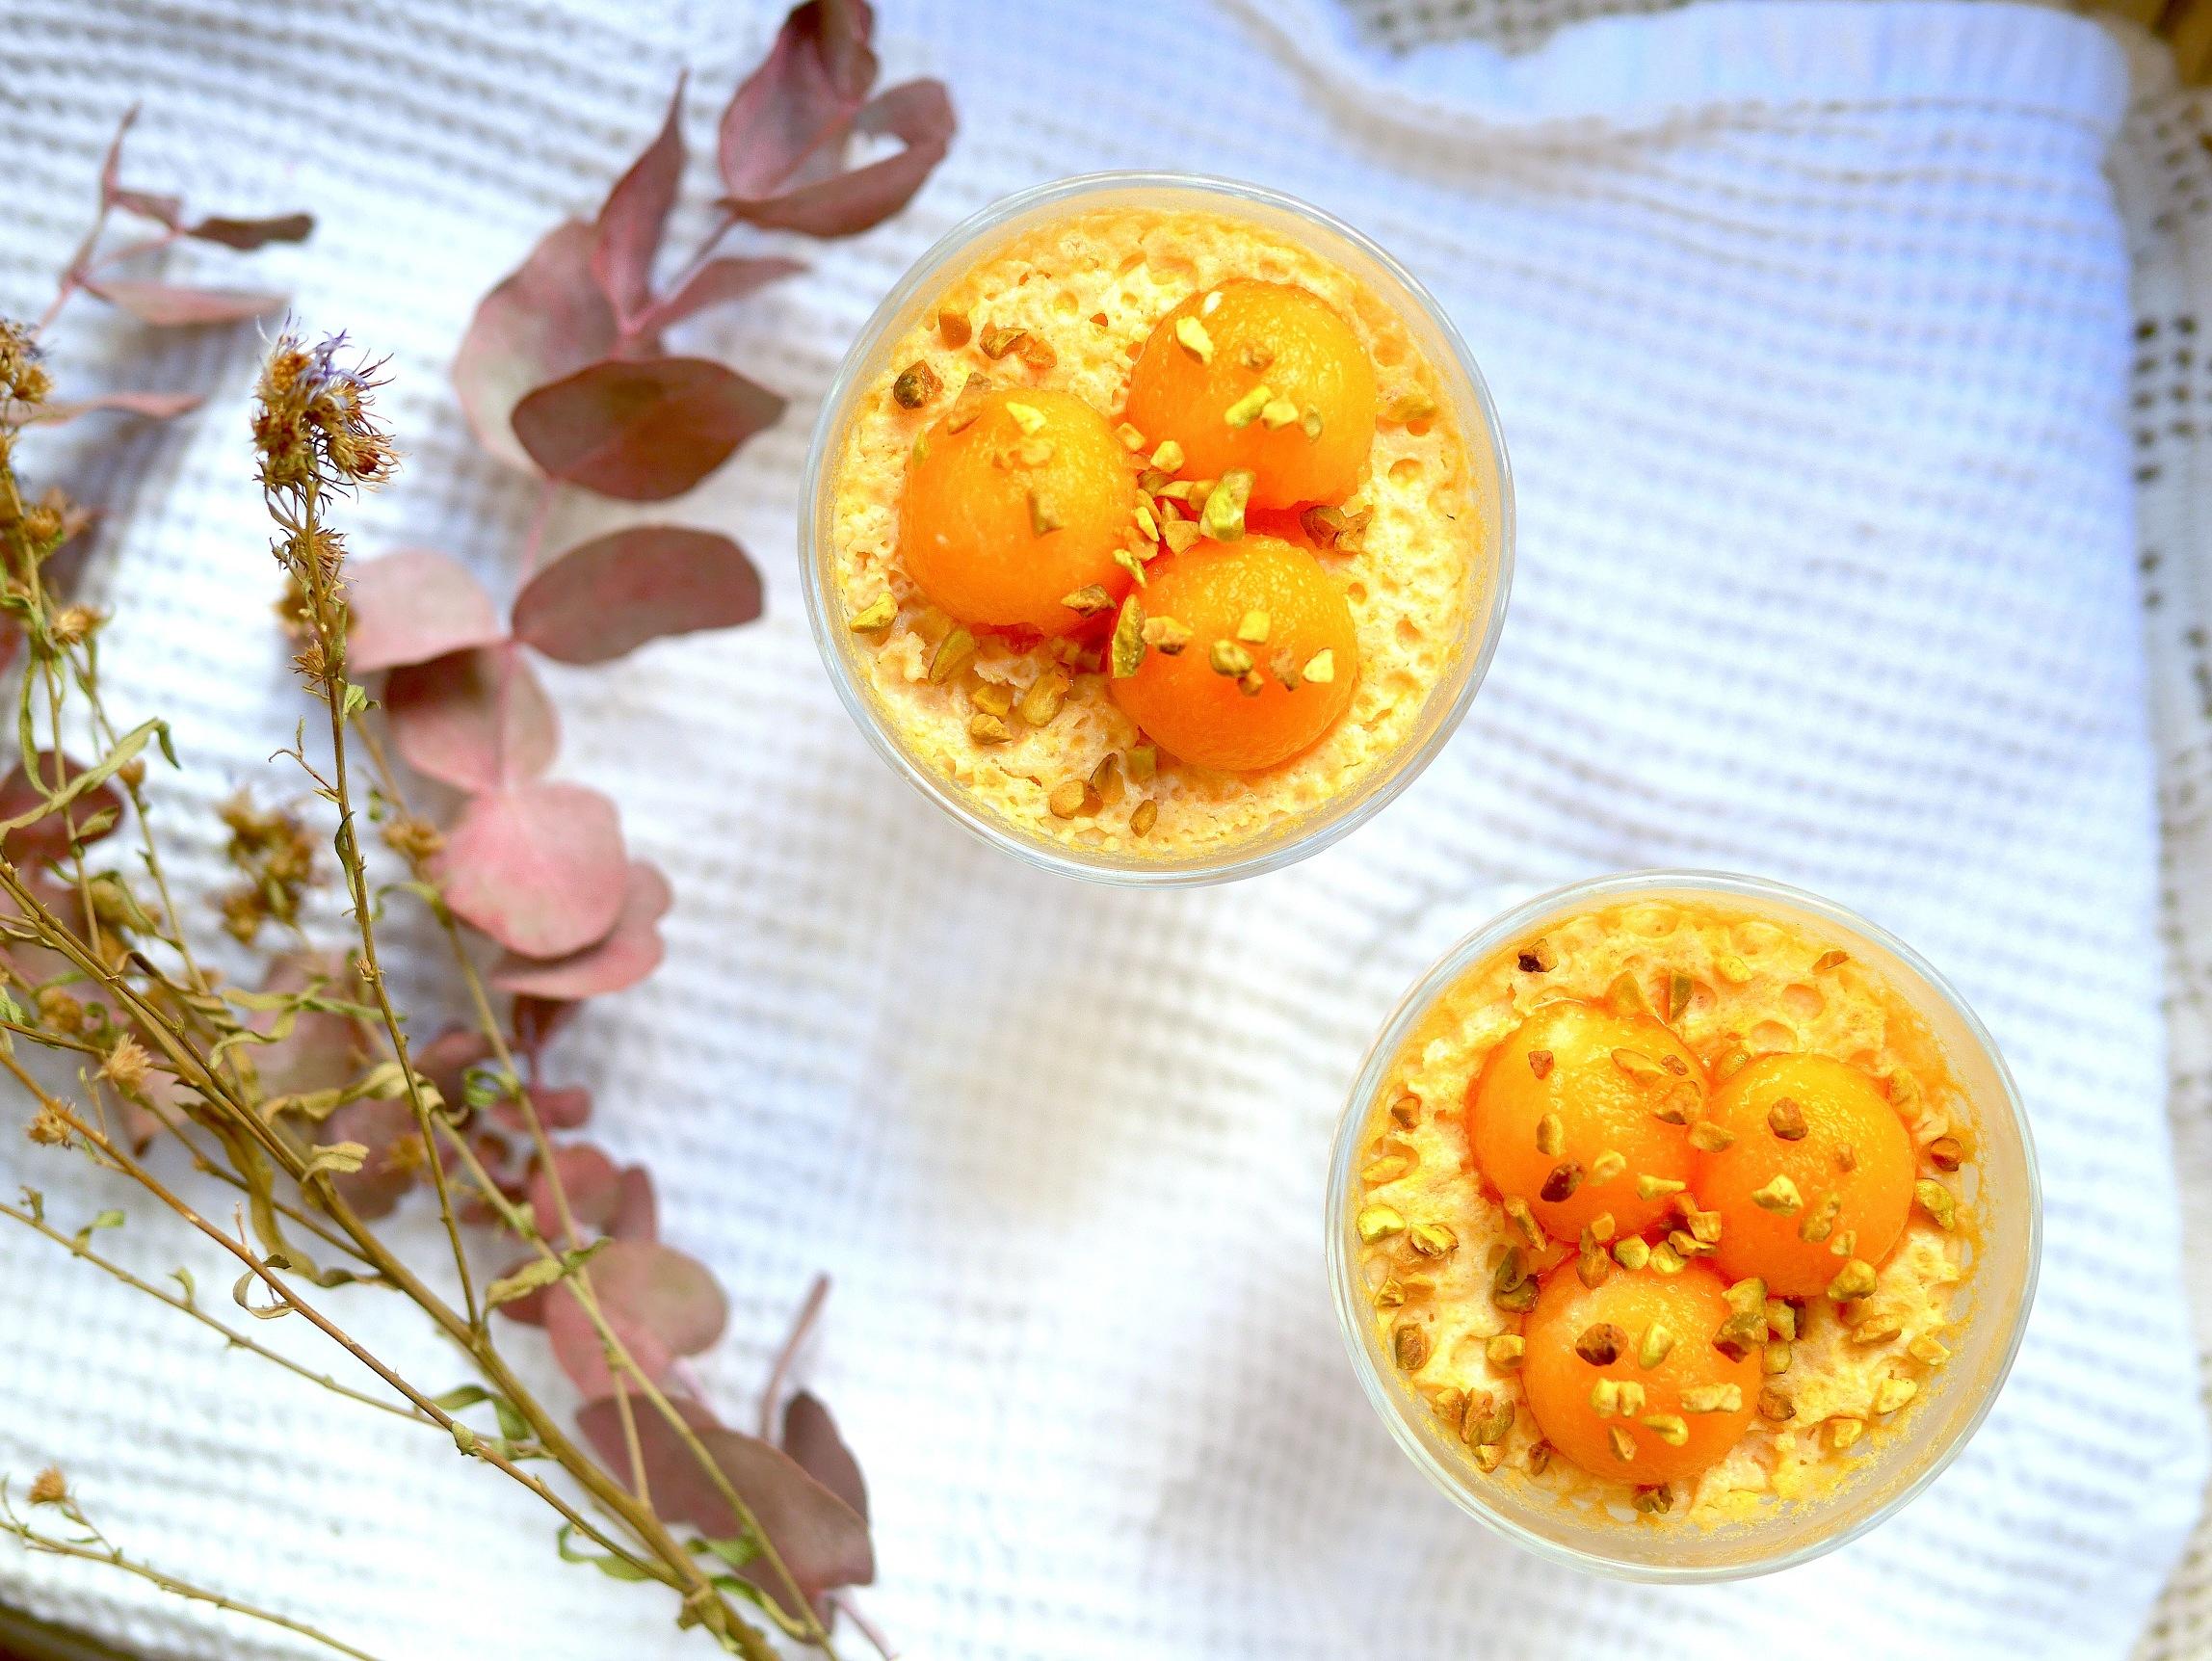 Mousse de melon au miel et aux pistaches sans gluten et sans lactose pour un dessert sain et gourmand !